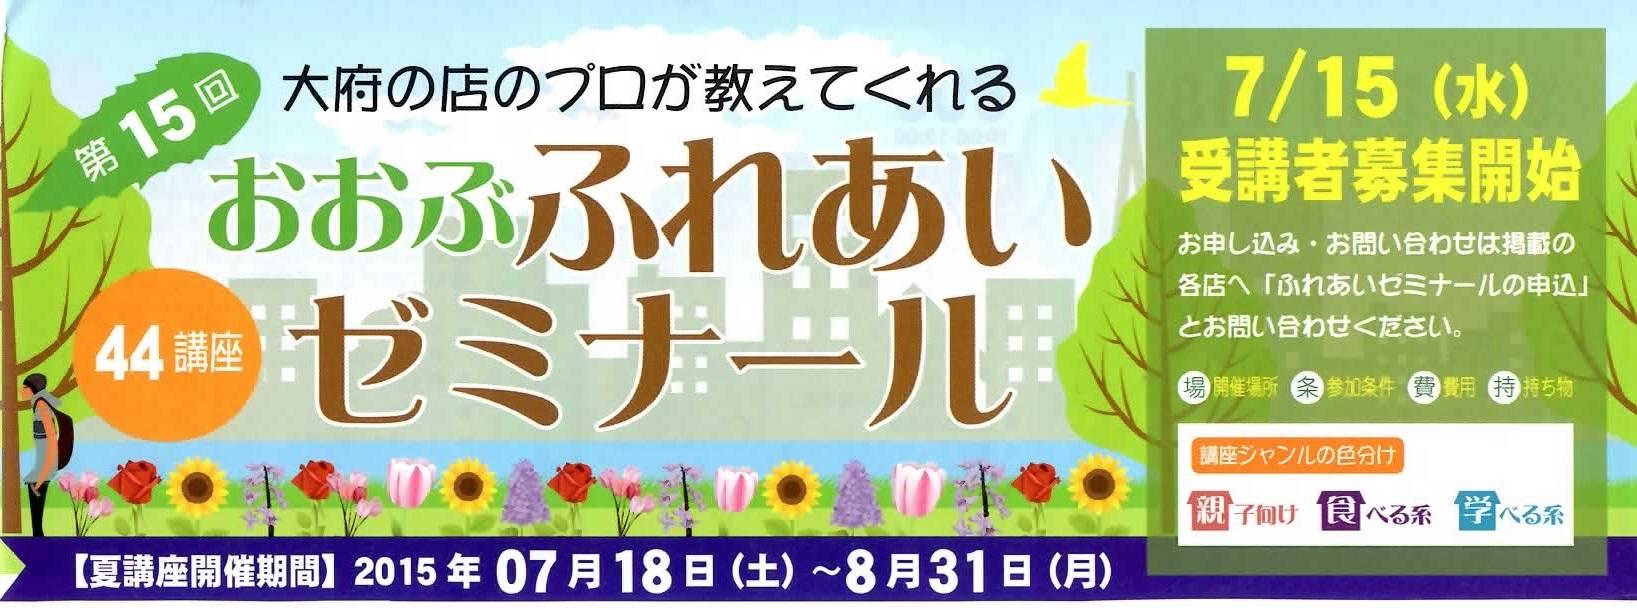 「おおぶ ふれあいゼミナール夏講座」が開催されます!_f0139333_16433745.jpg